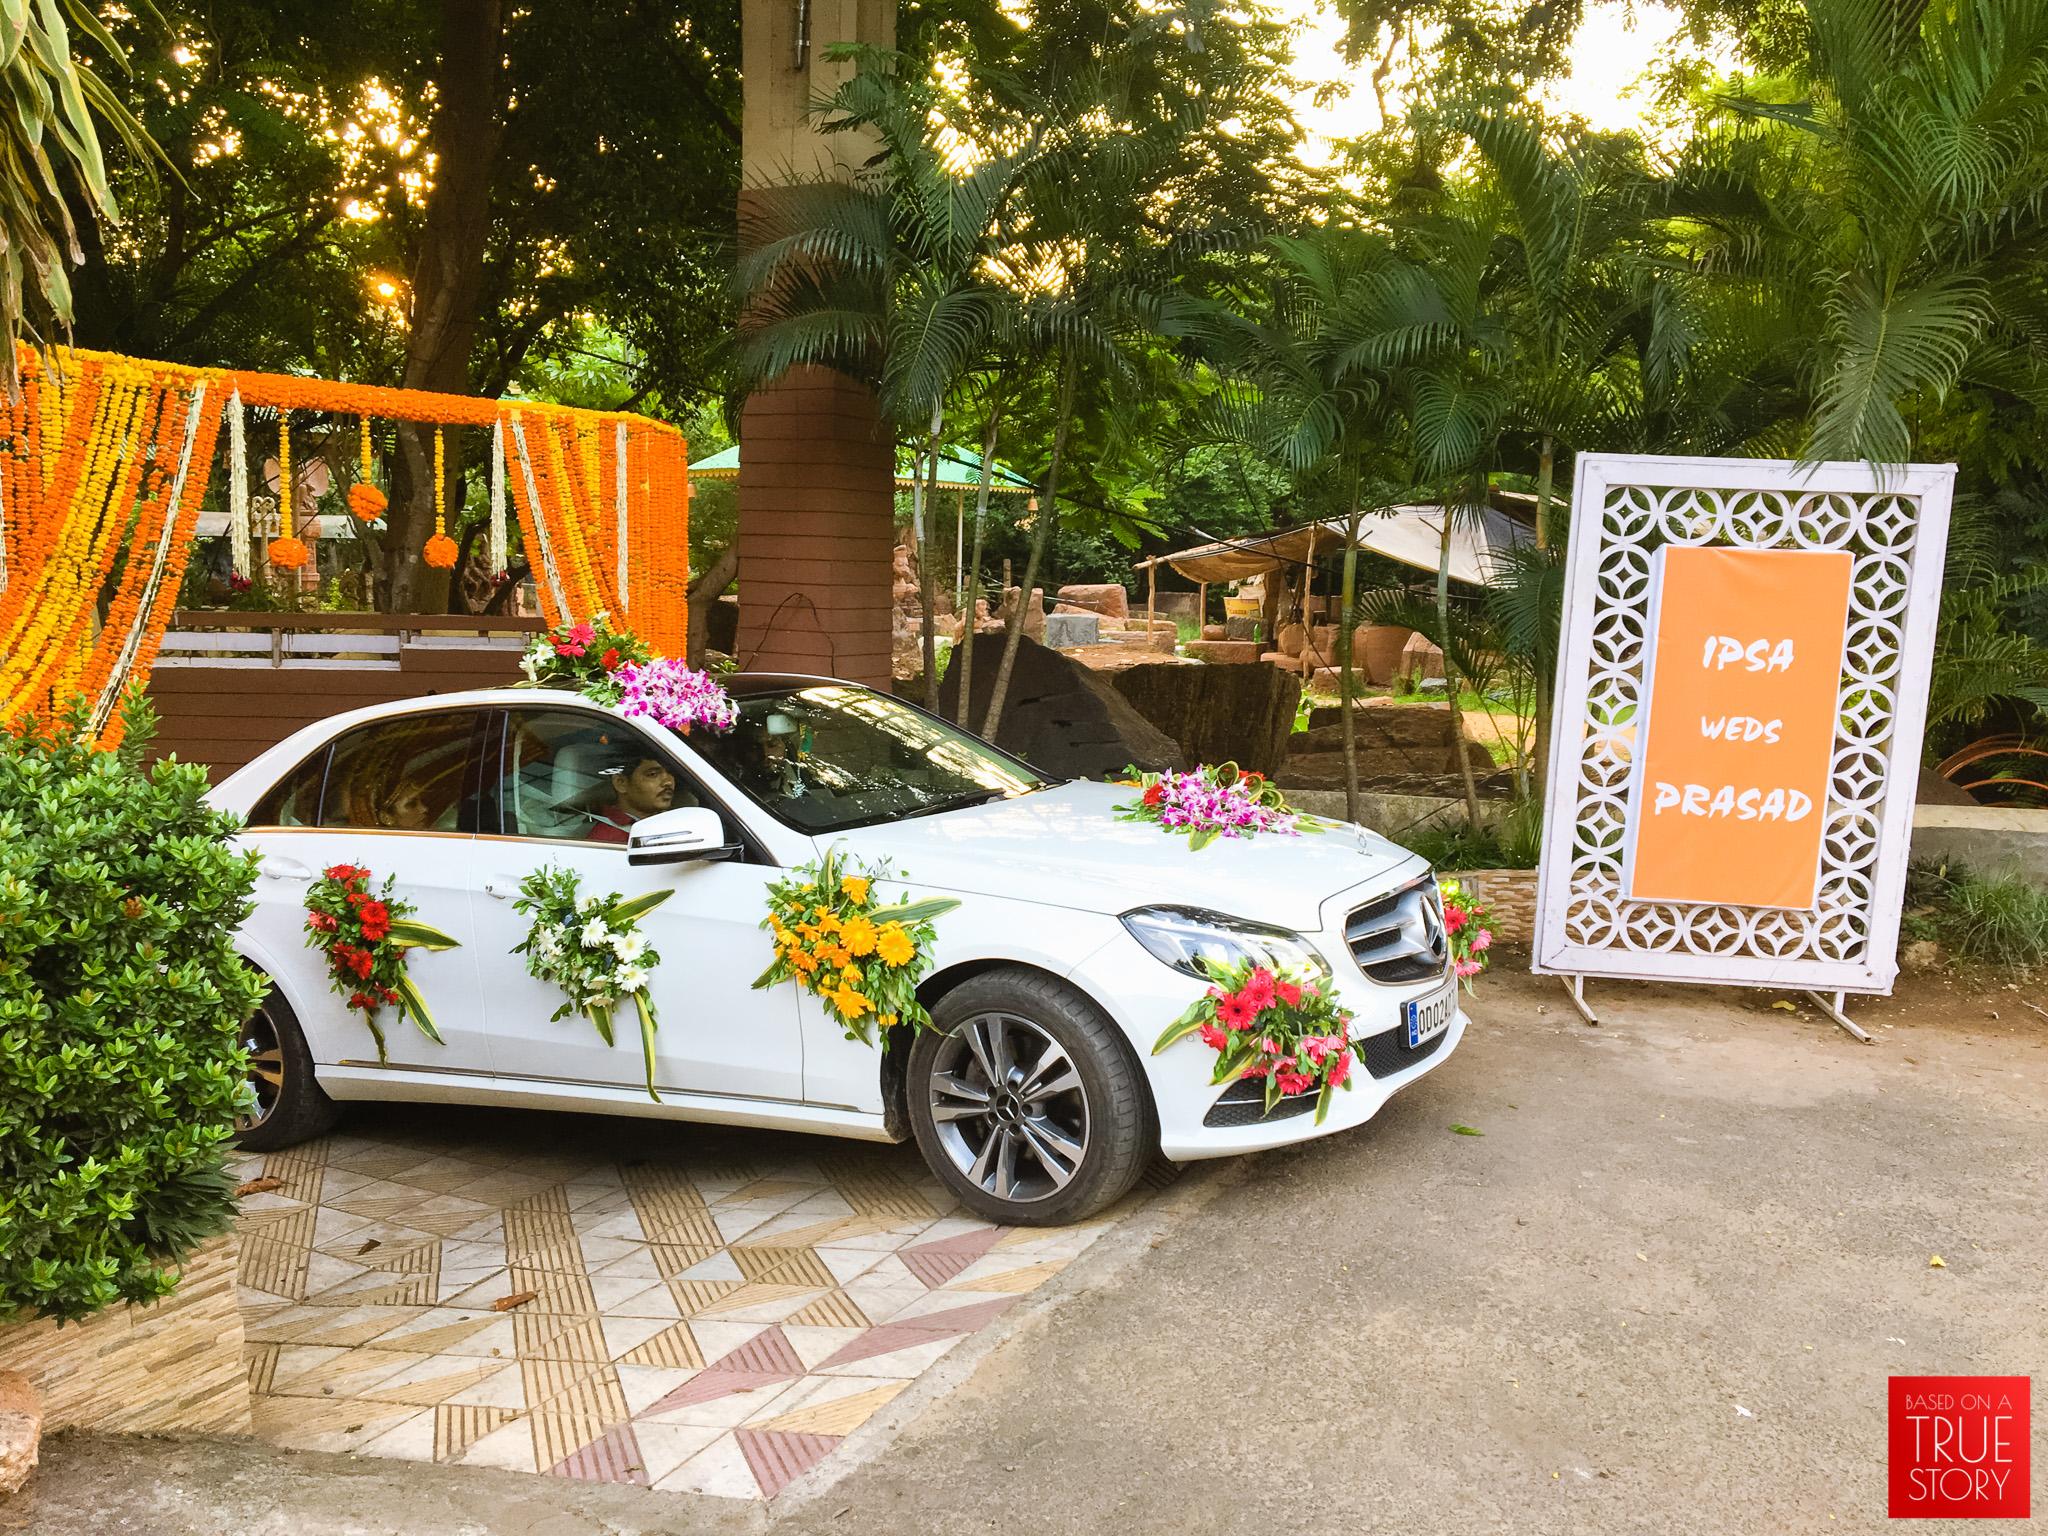 candid-wedding-photography-bhubaneswar-0123.jpg